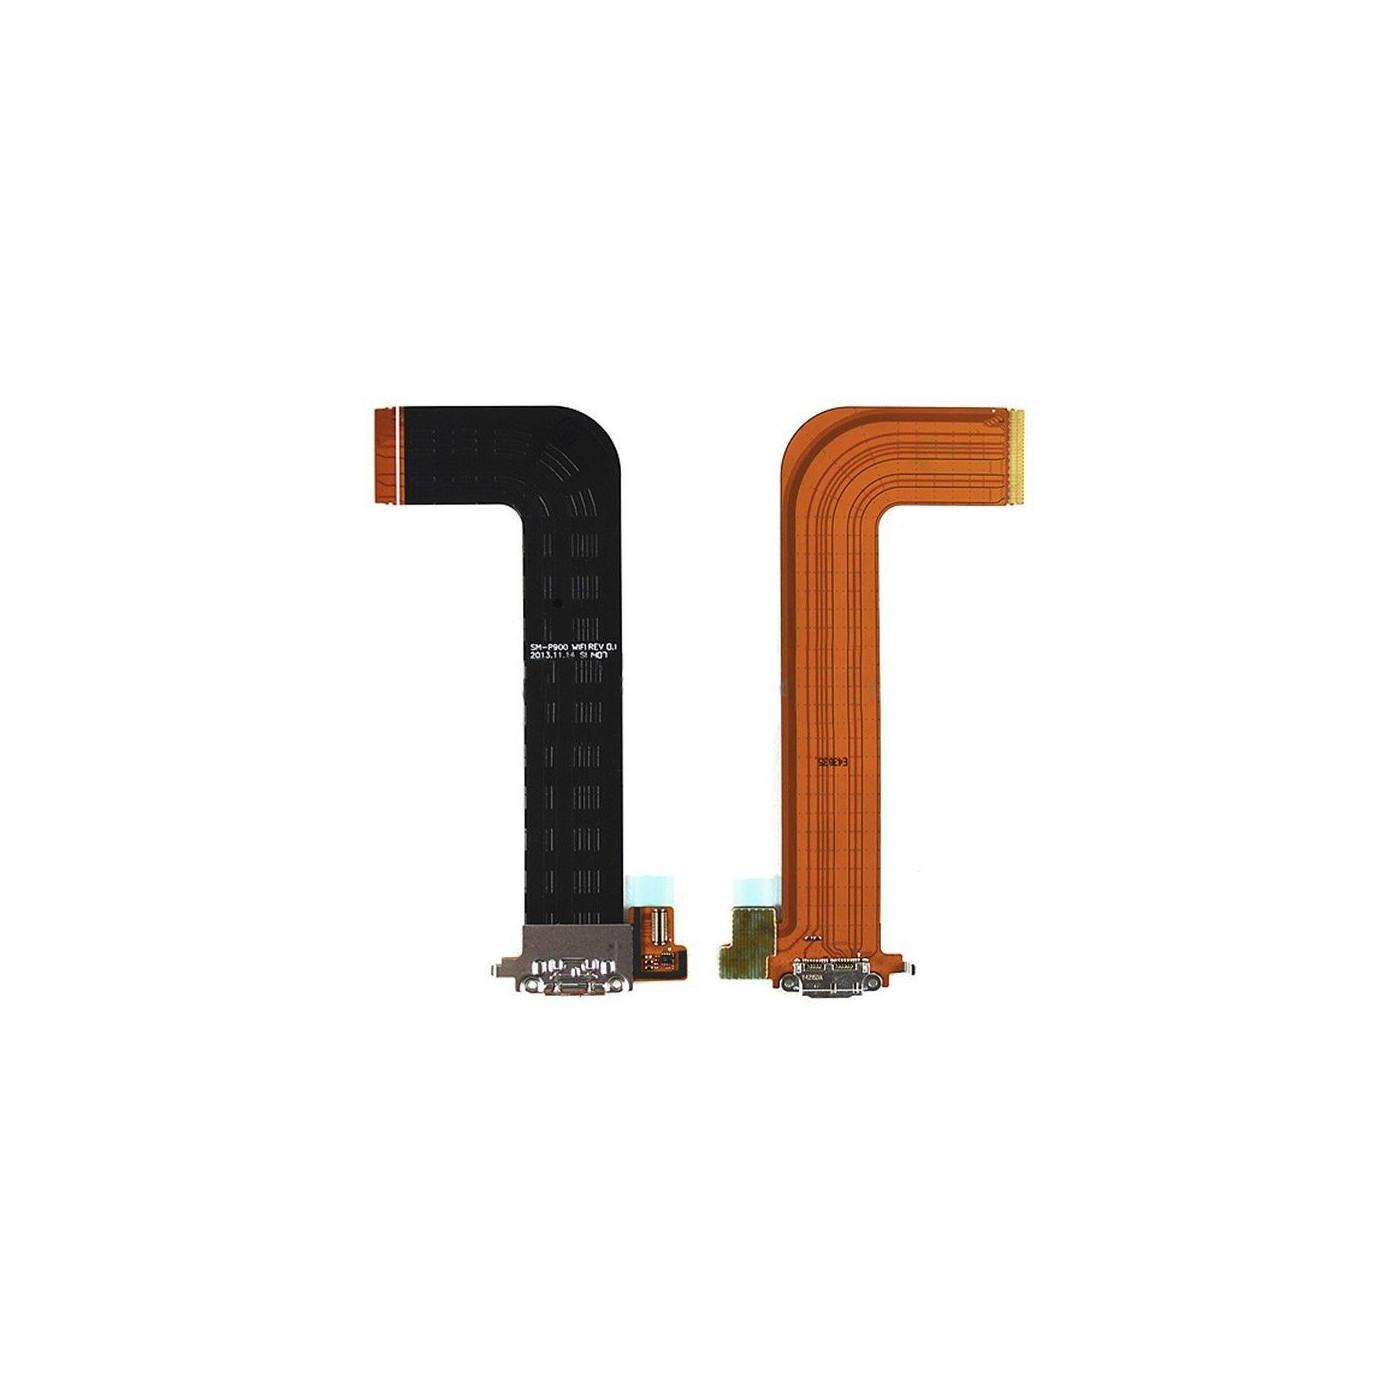 Connettore di ricarica Samsung Galaxy Note 12.2 P900 flat dock dati carica